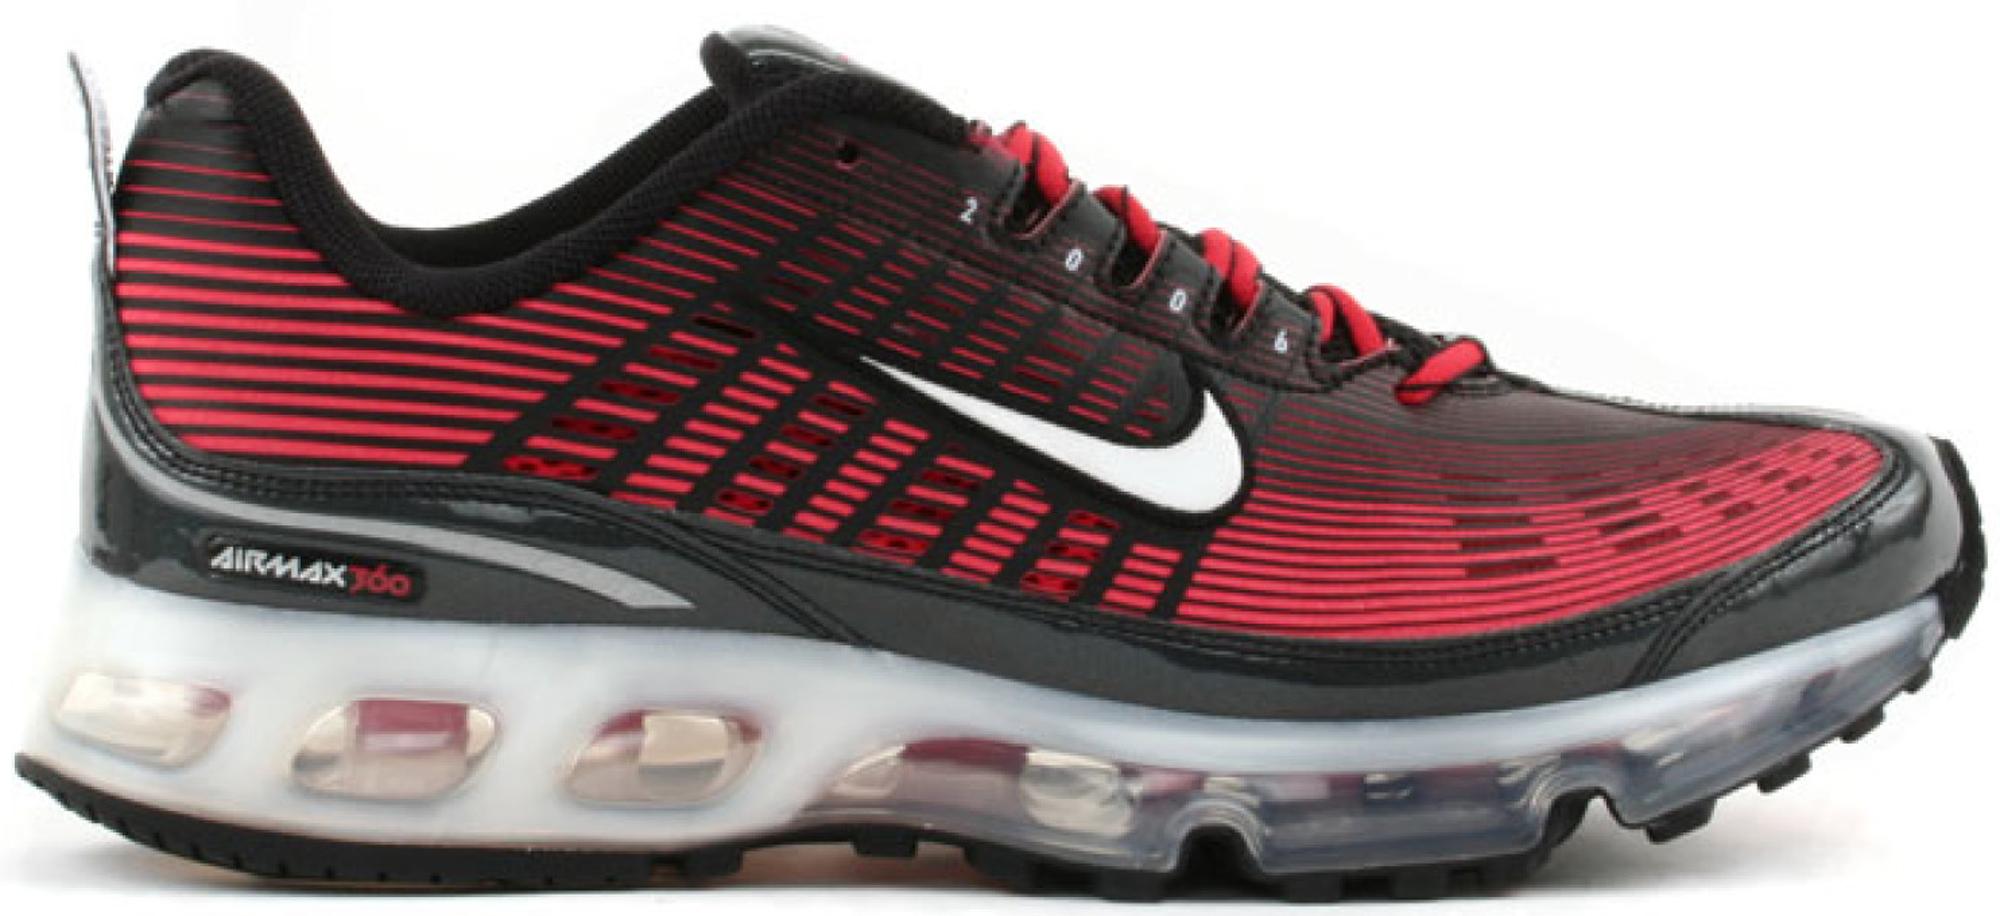 Nike Air Max 360 Black Atom Red